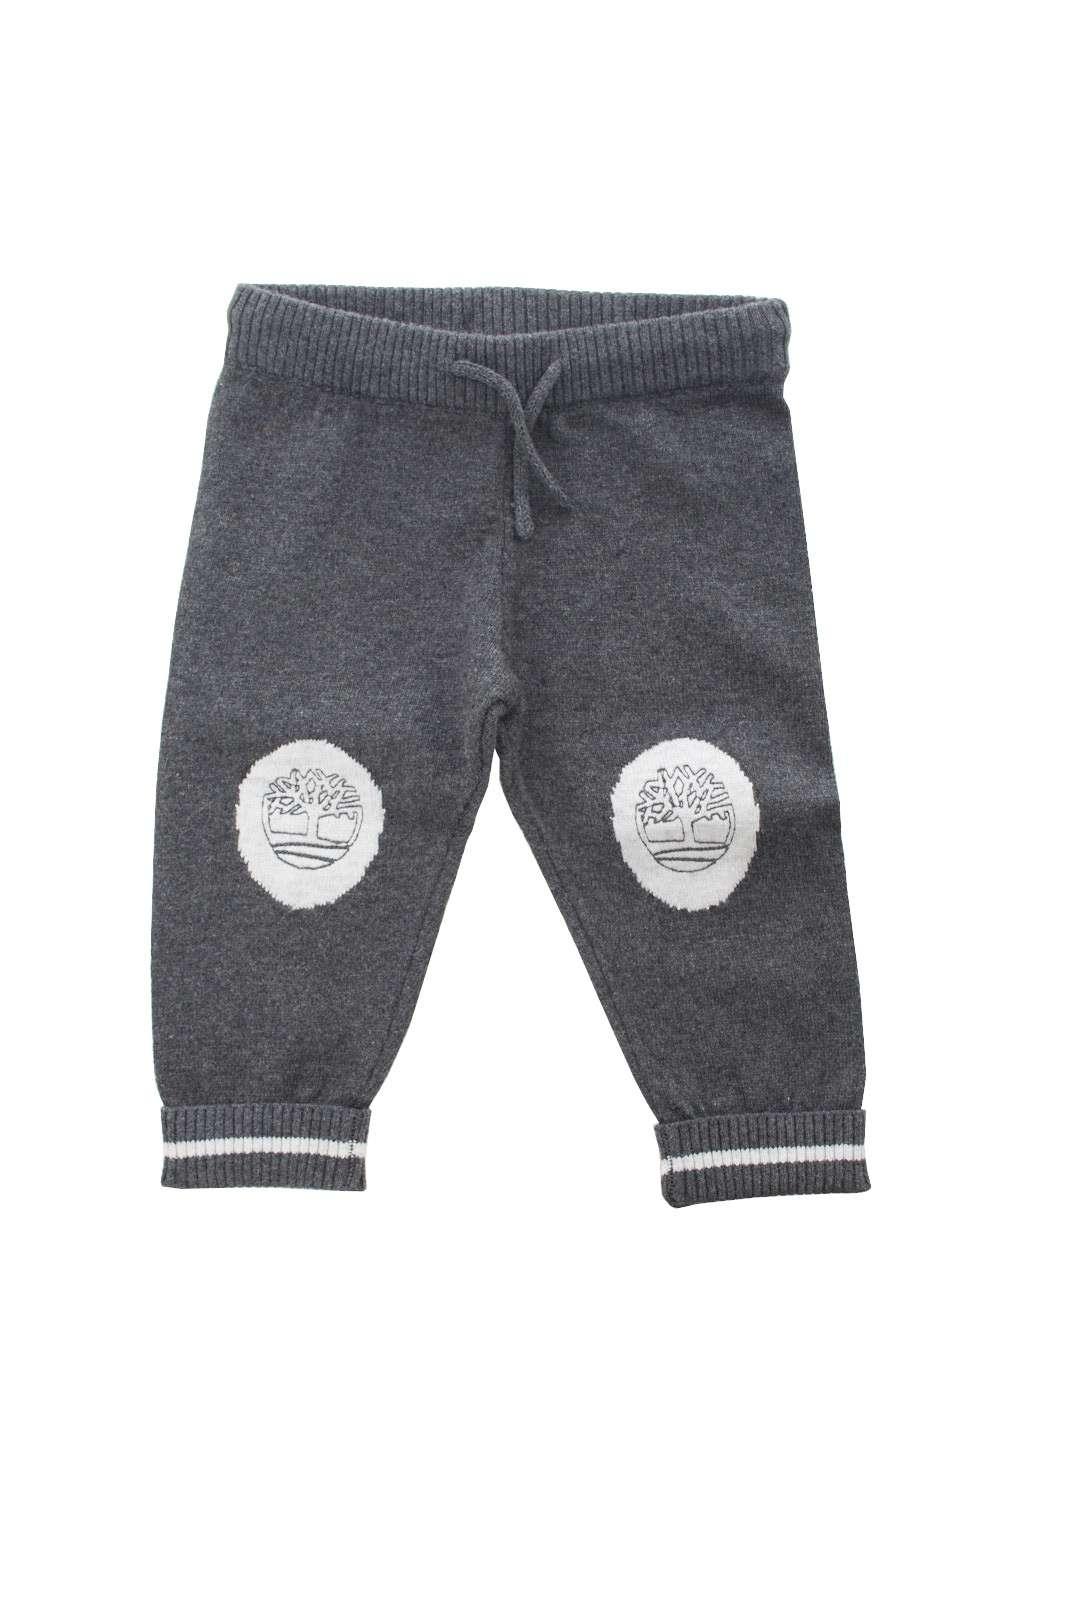 Comodo e fashion il pantalone in maglia proposto dalla collezione Timberland junior. Caratterizzati dalle toppe alle ginocchia con logo del brand sono un capo perfetto per ogni occasione. Un evergreen per i più piccoli.